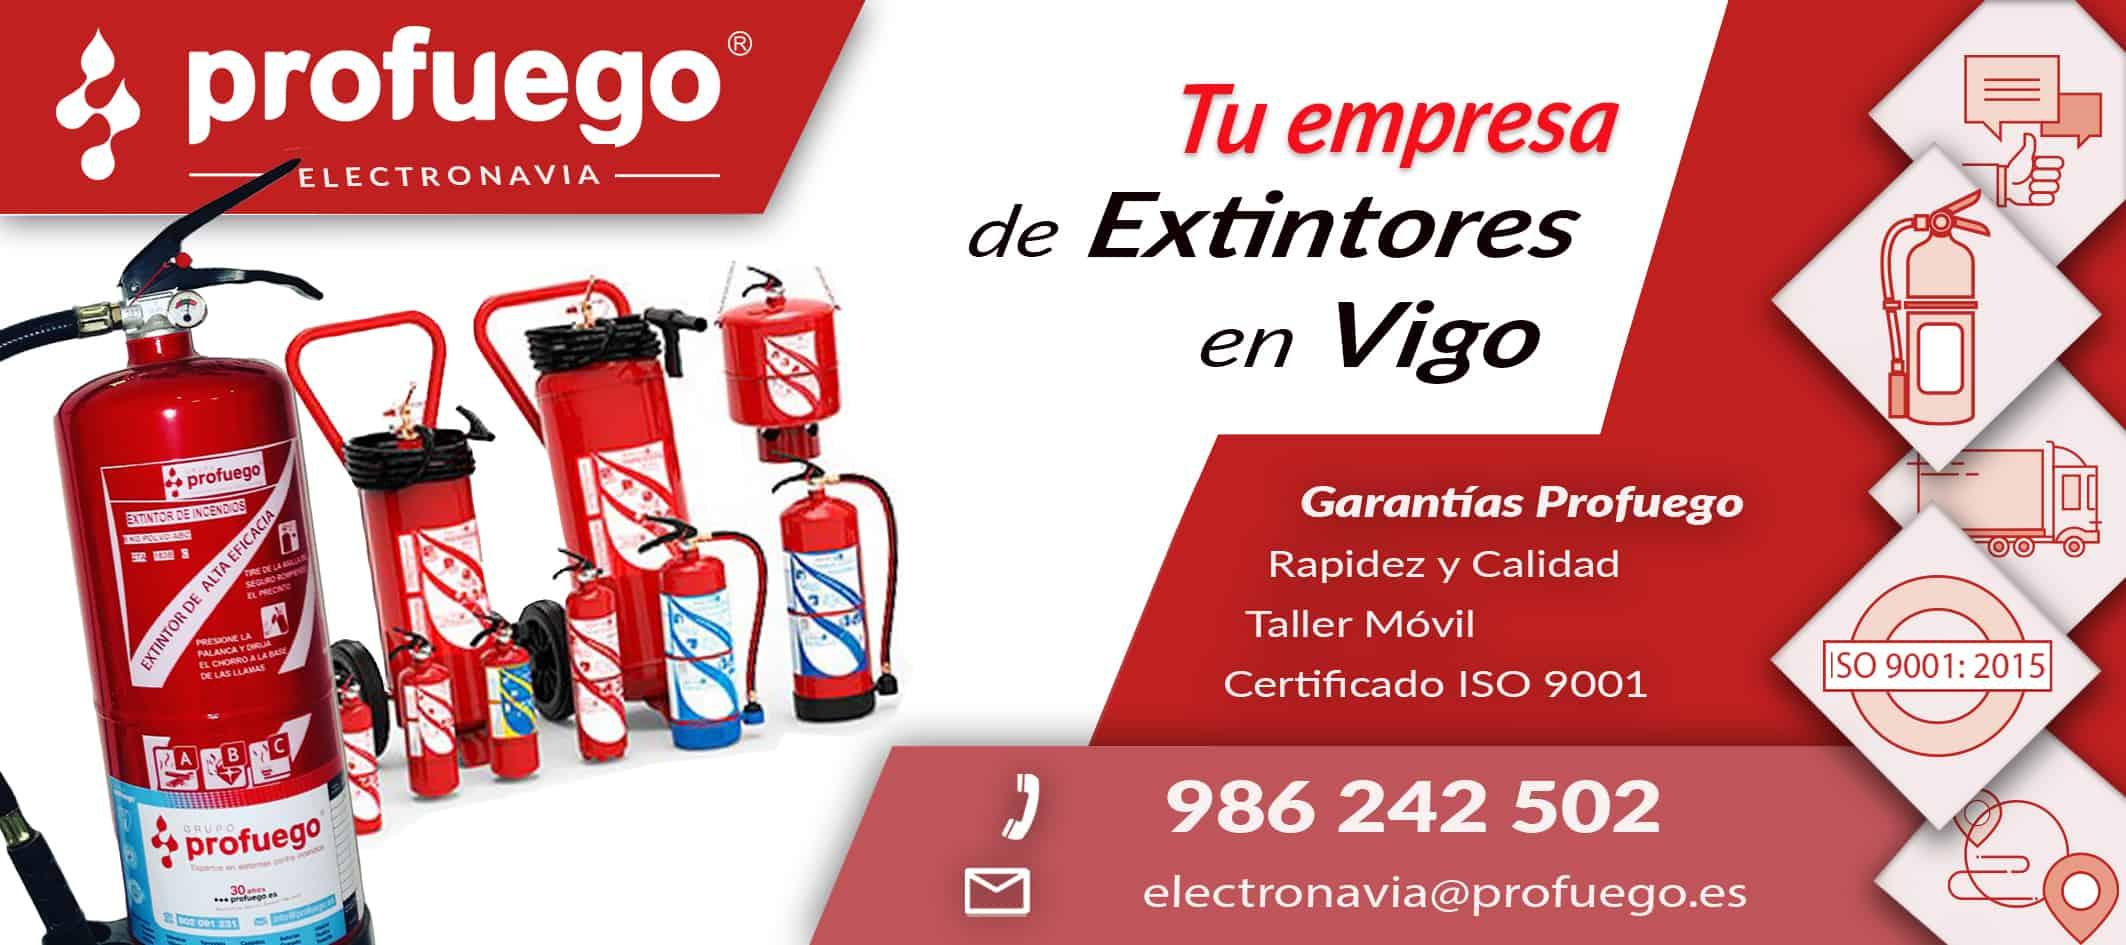 extintores vigo